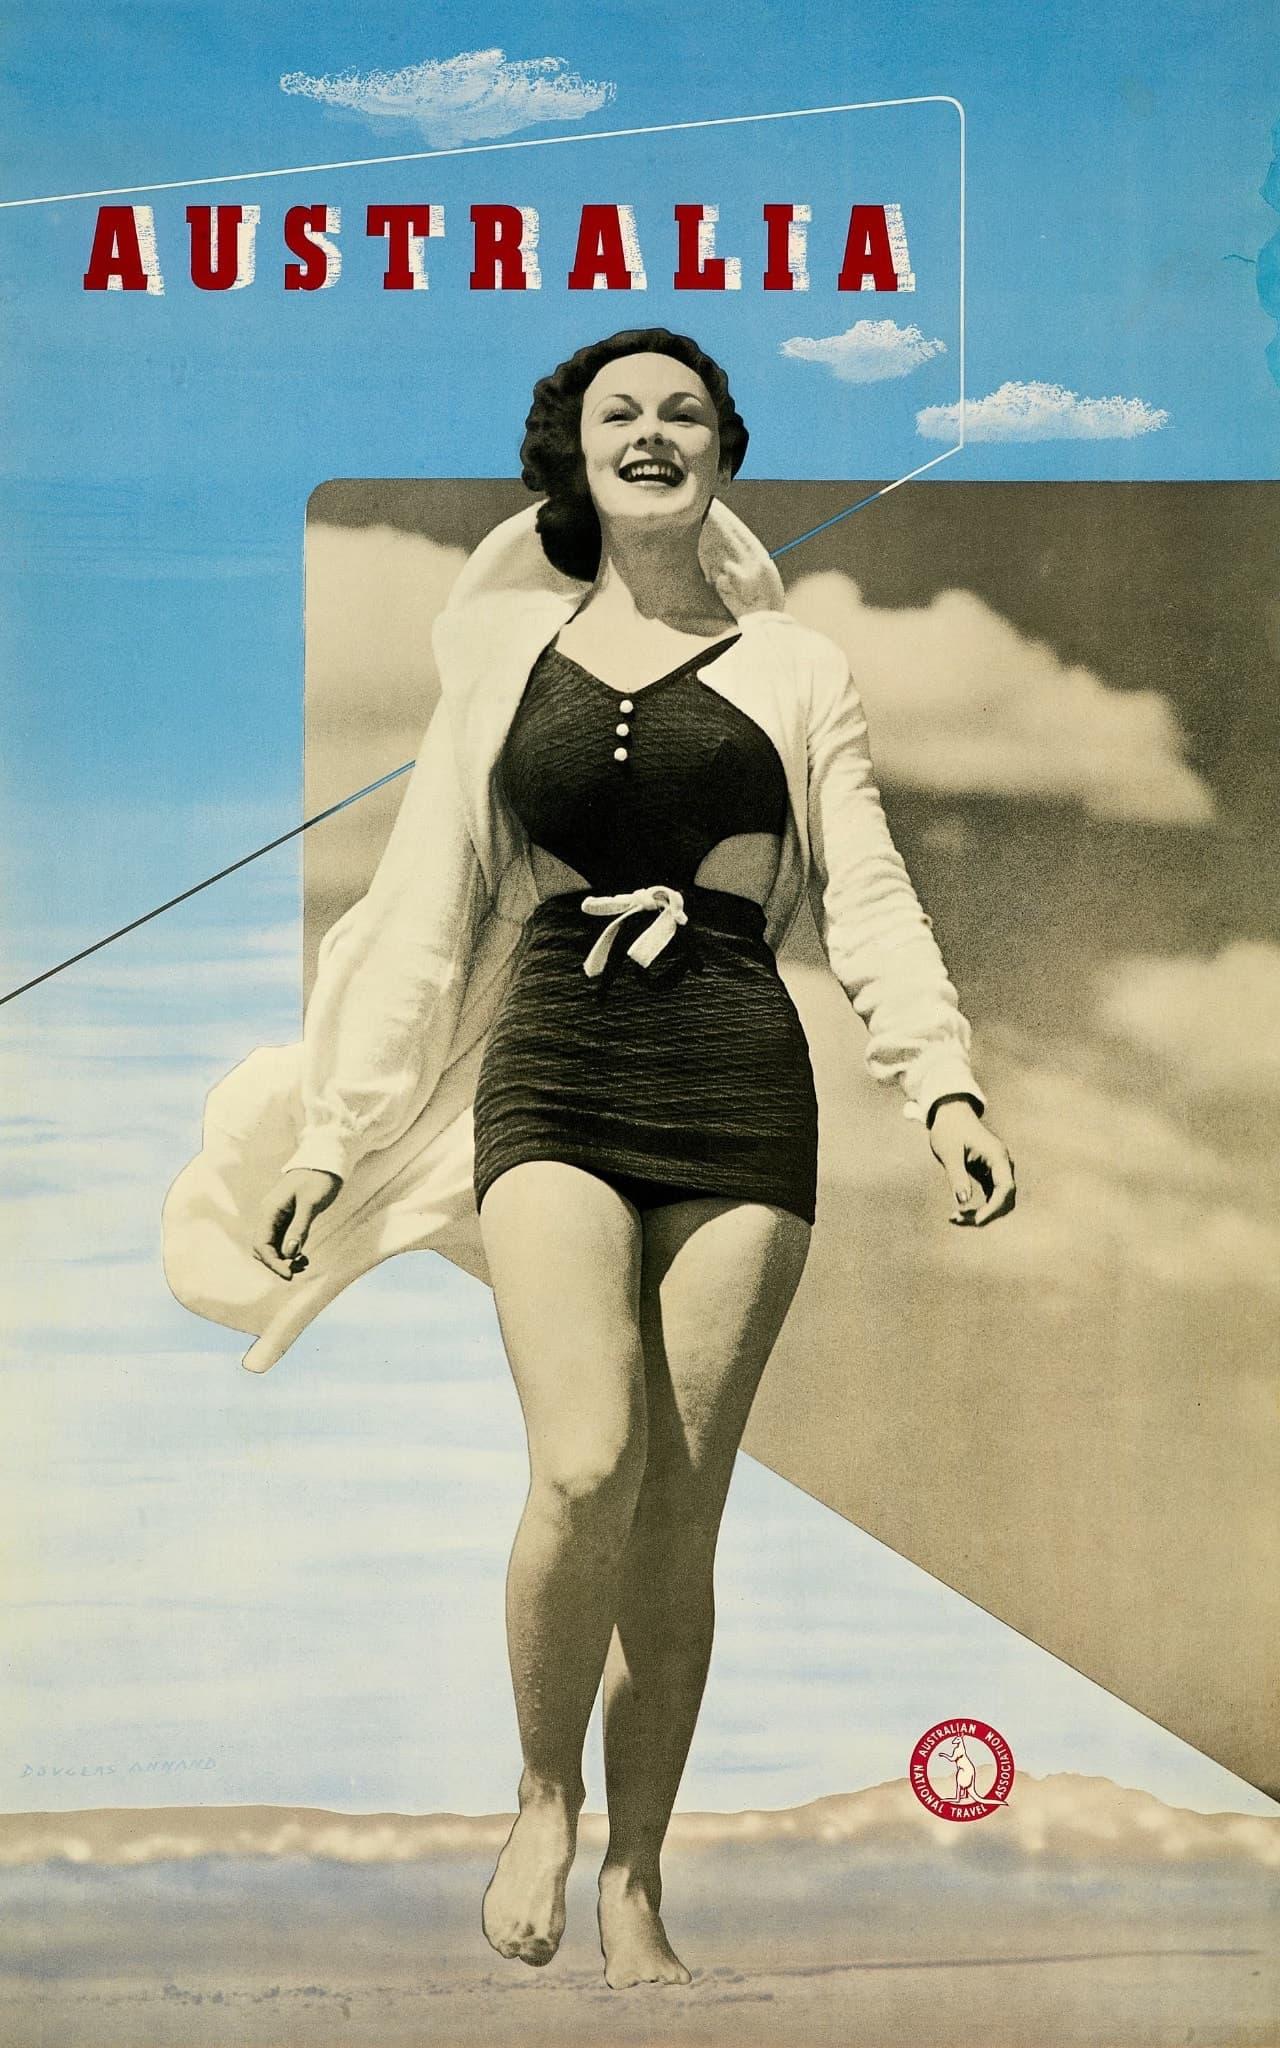 Plakat-Design Australien 1930er